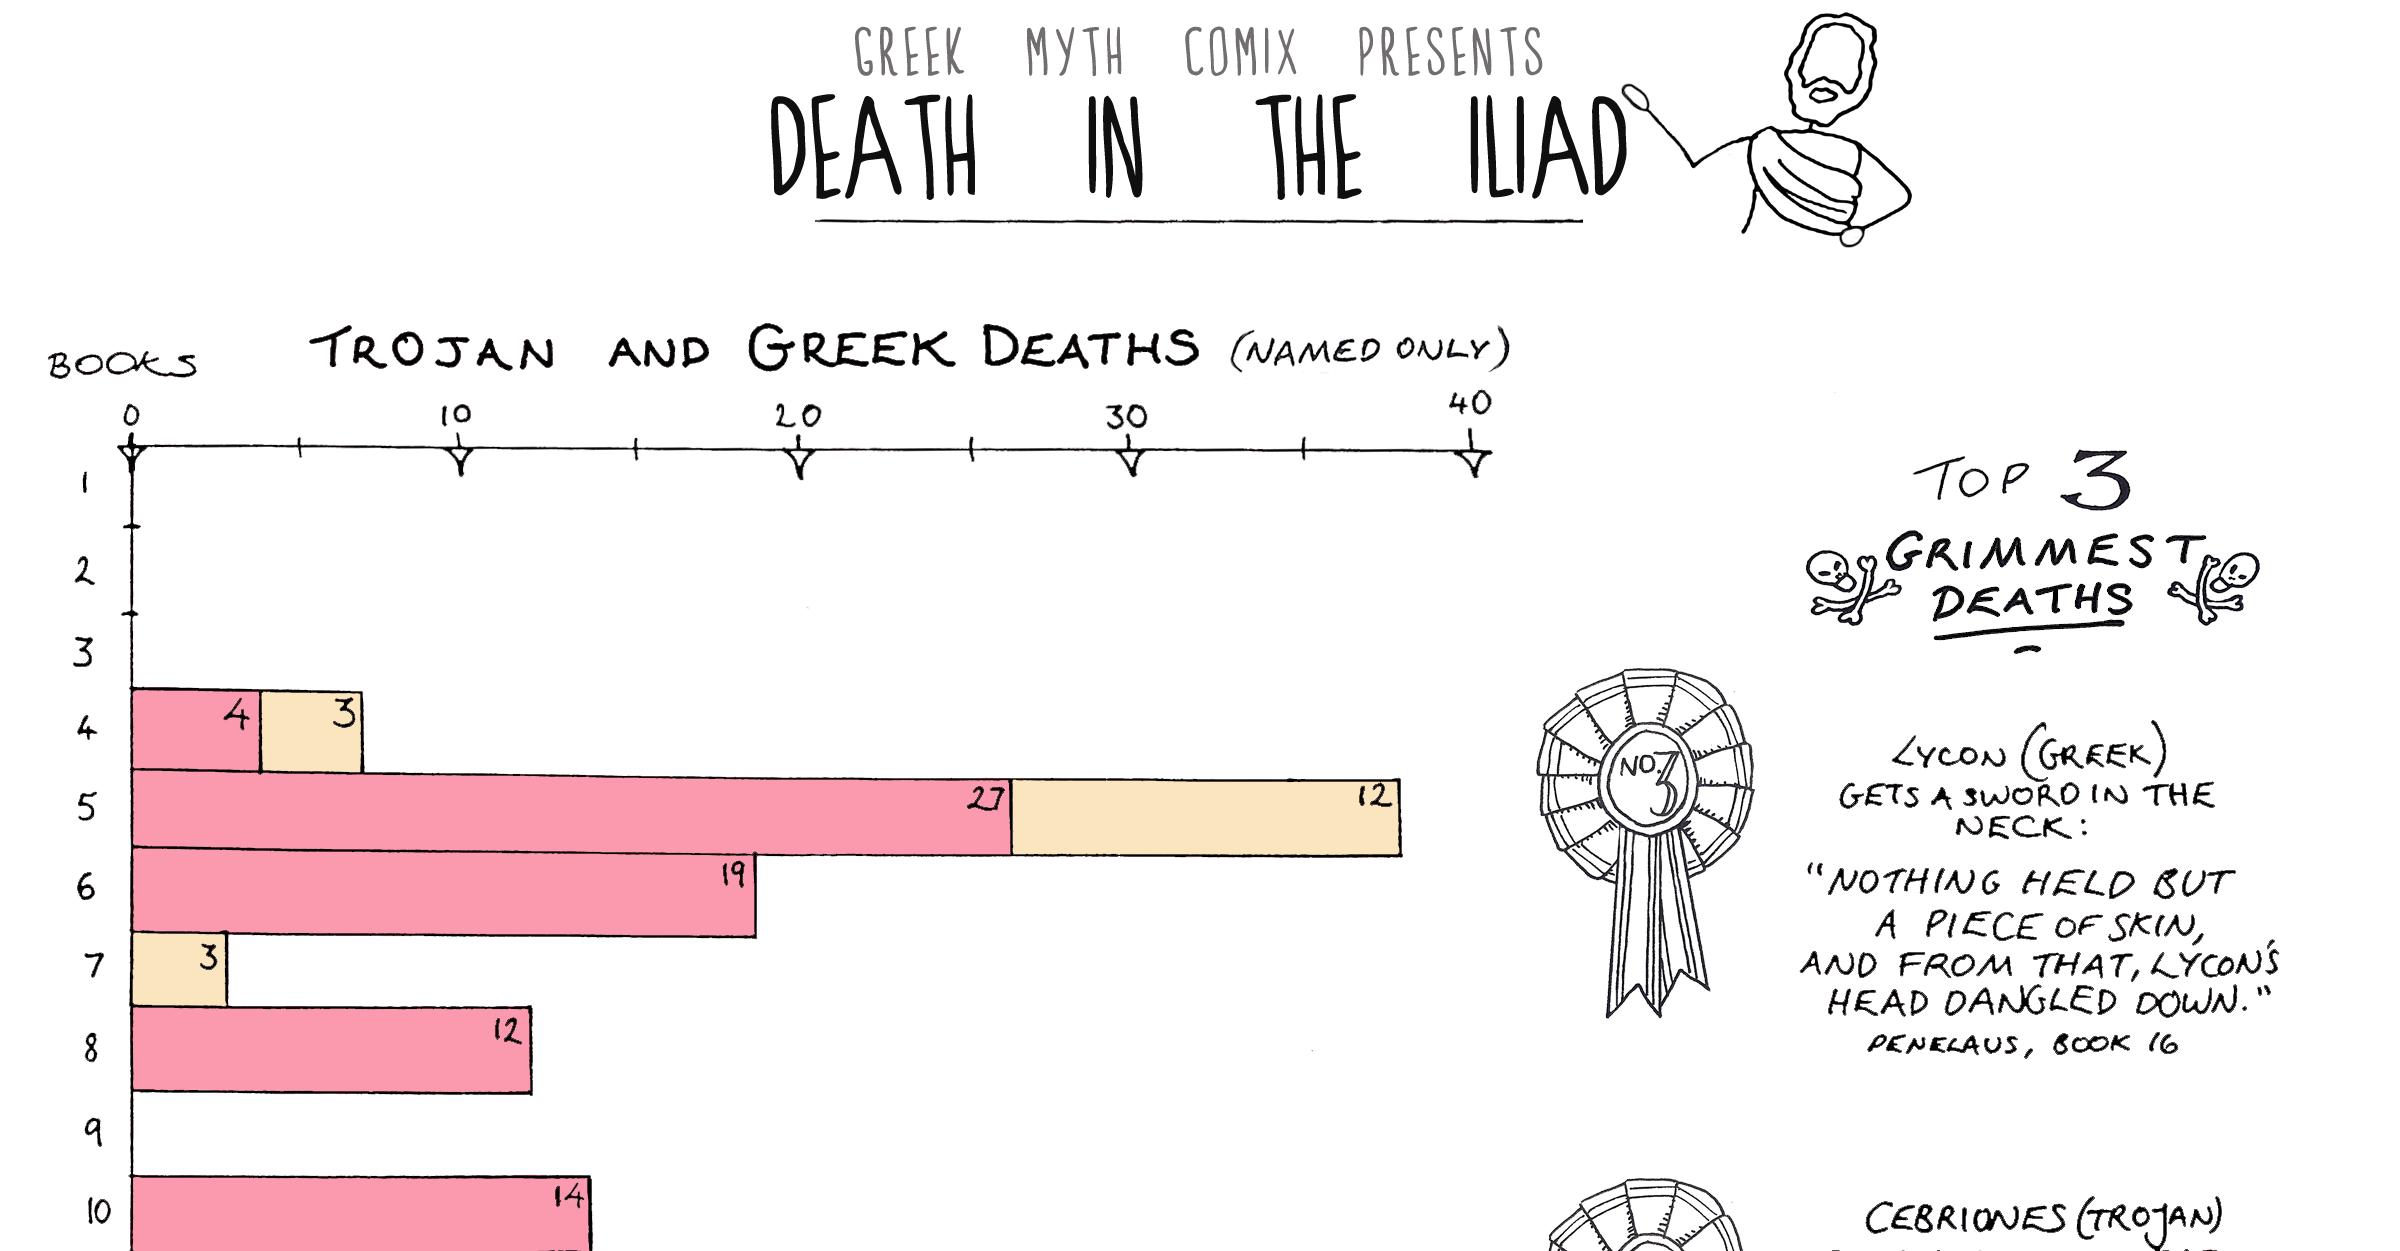 liad-infographic-gmc-lej-1.png